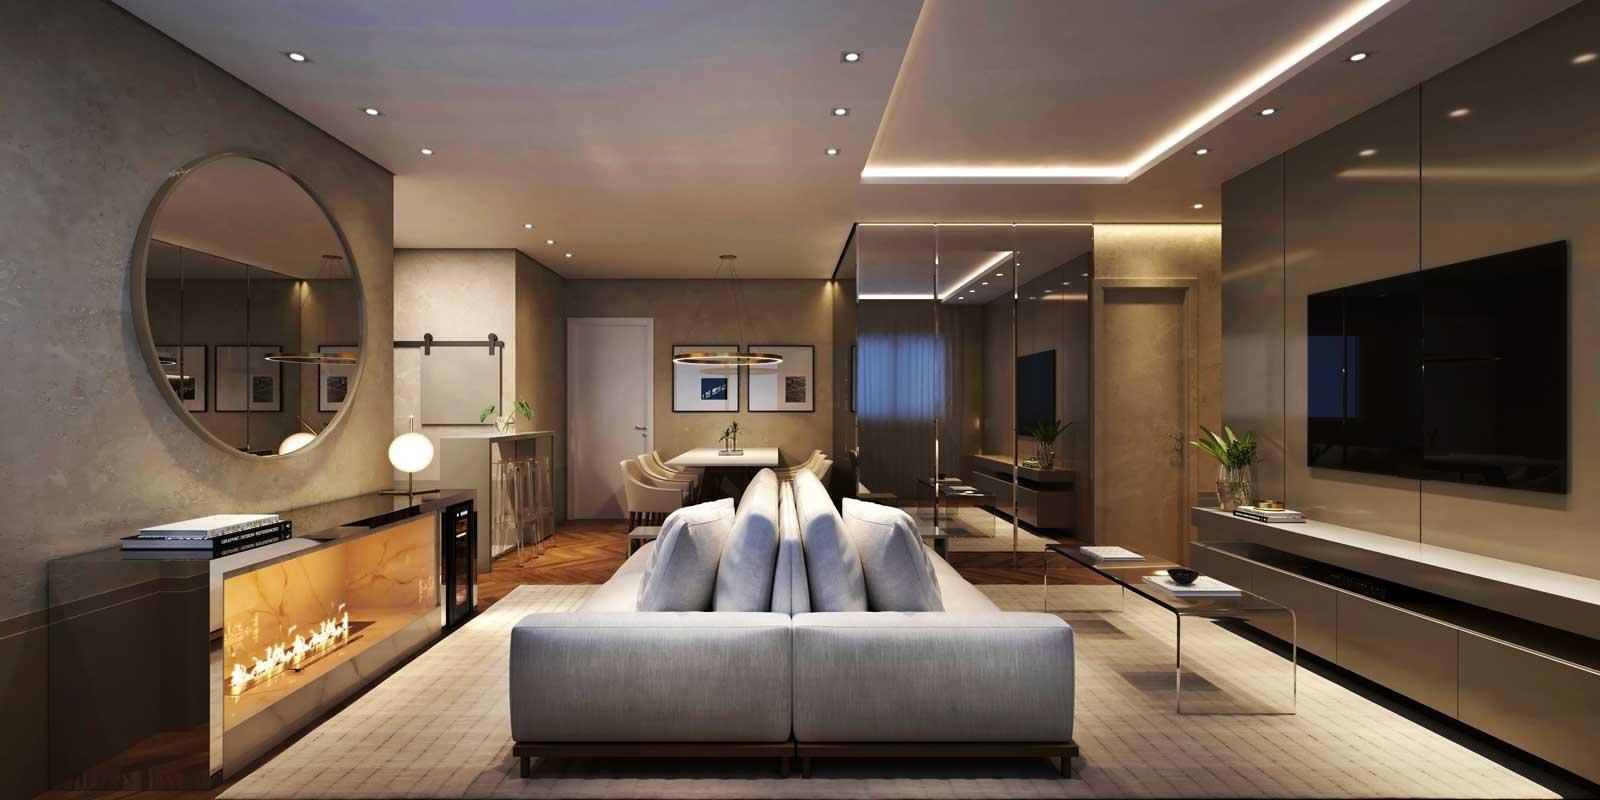 TPS Imóveis - Veja Foto 4 de 32 do Apartamentos de 2 e 3 dormitórios com suíte